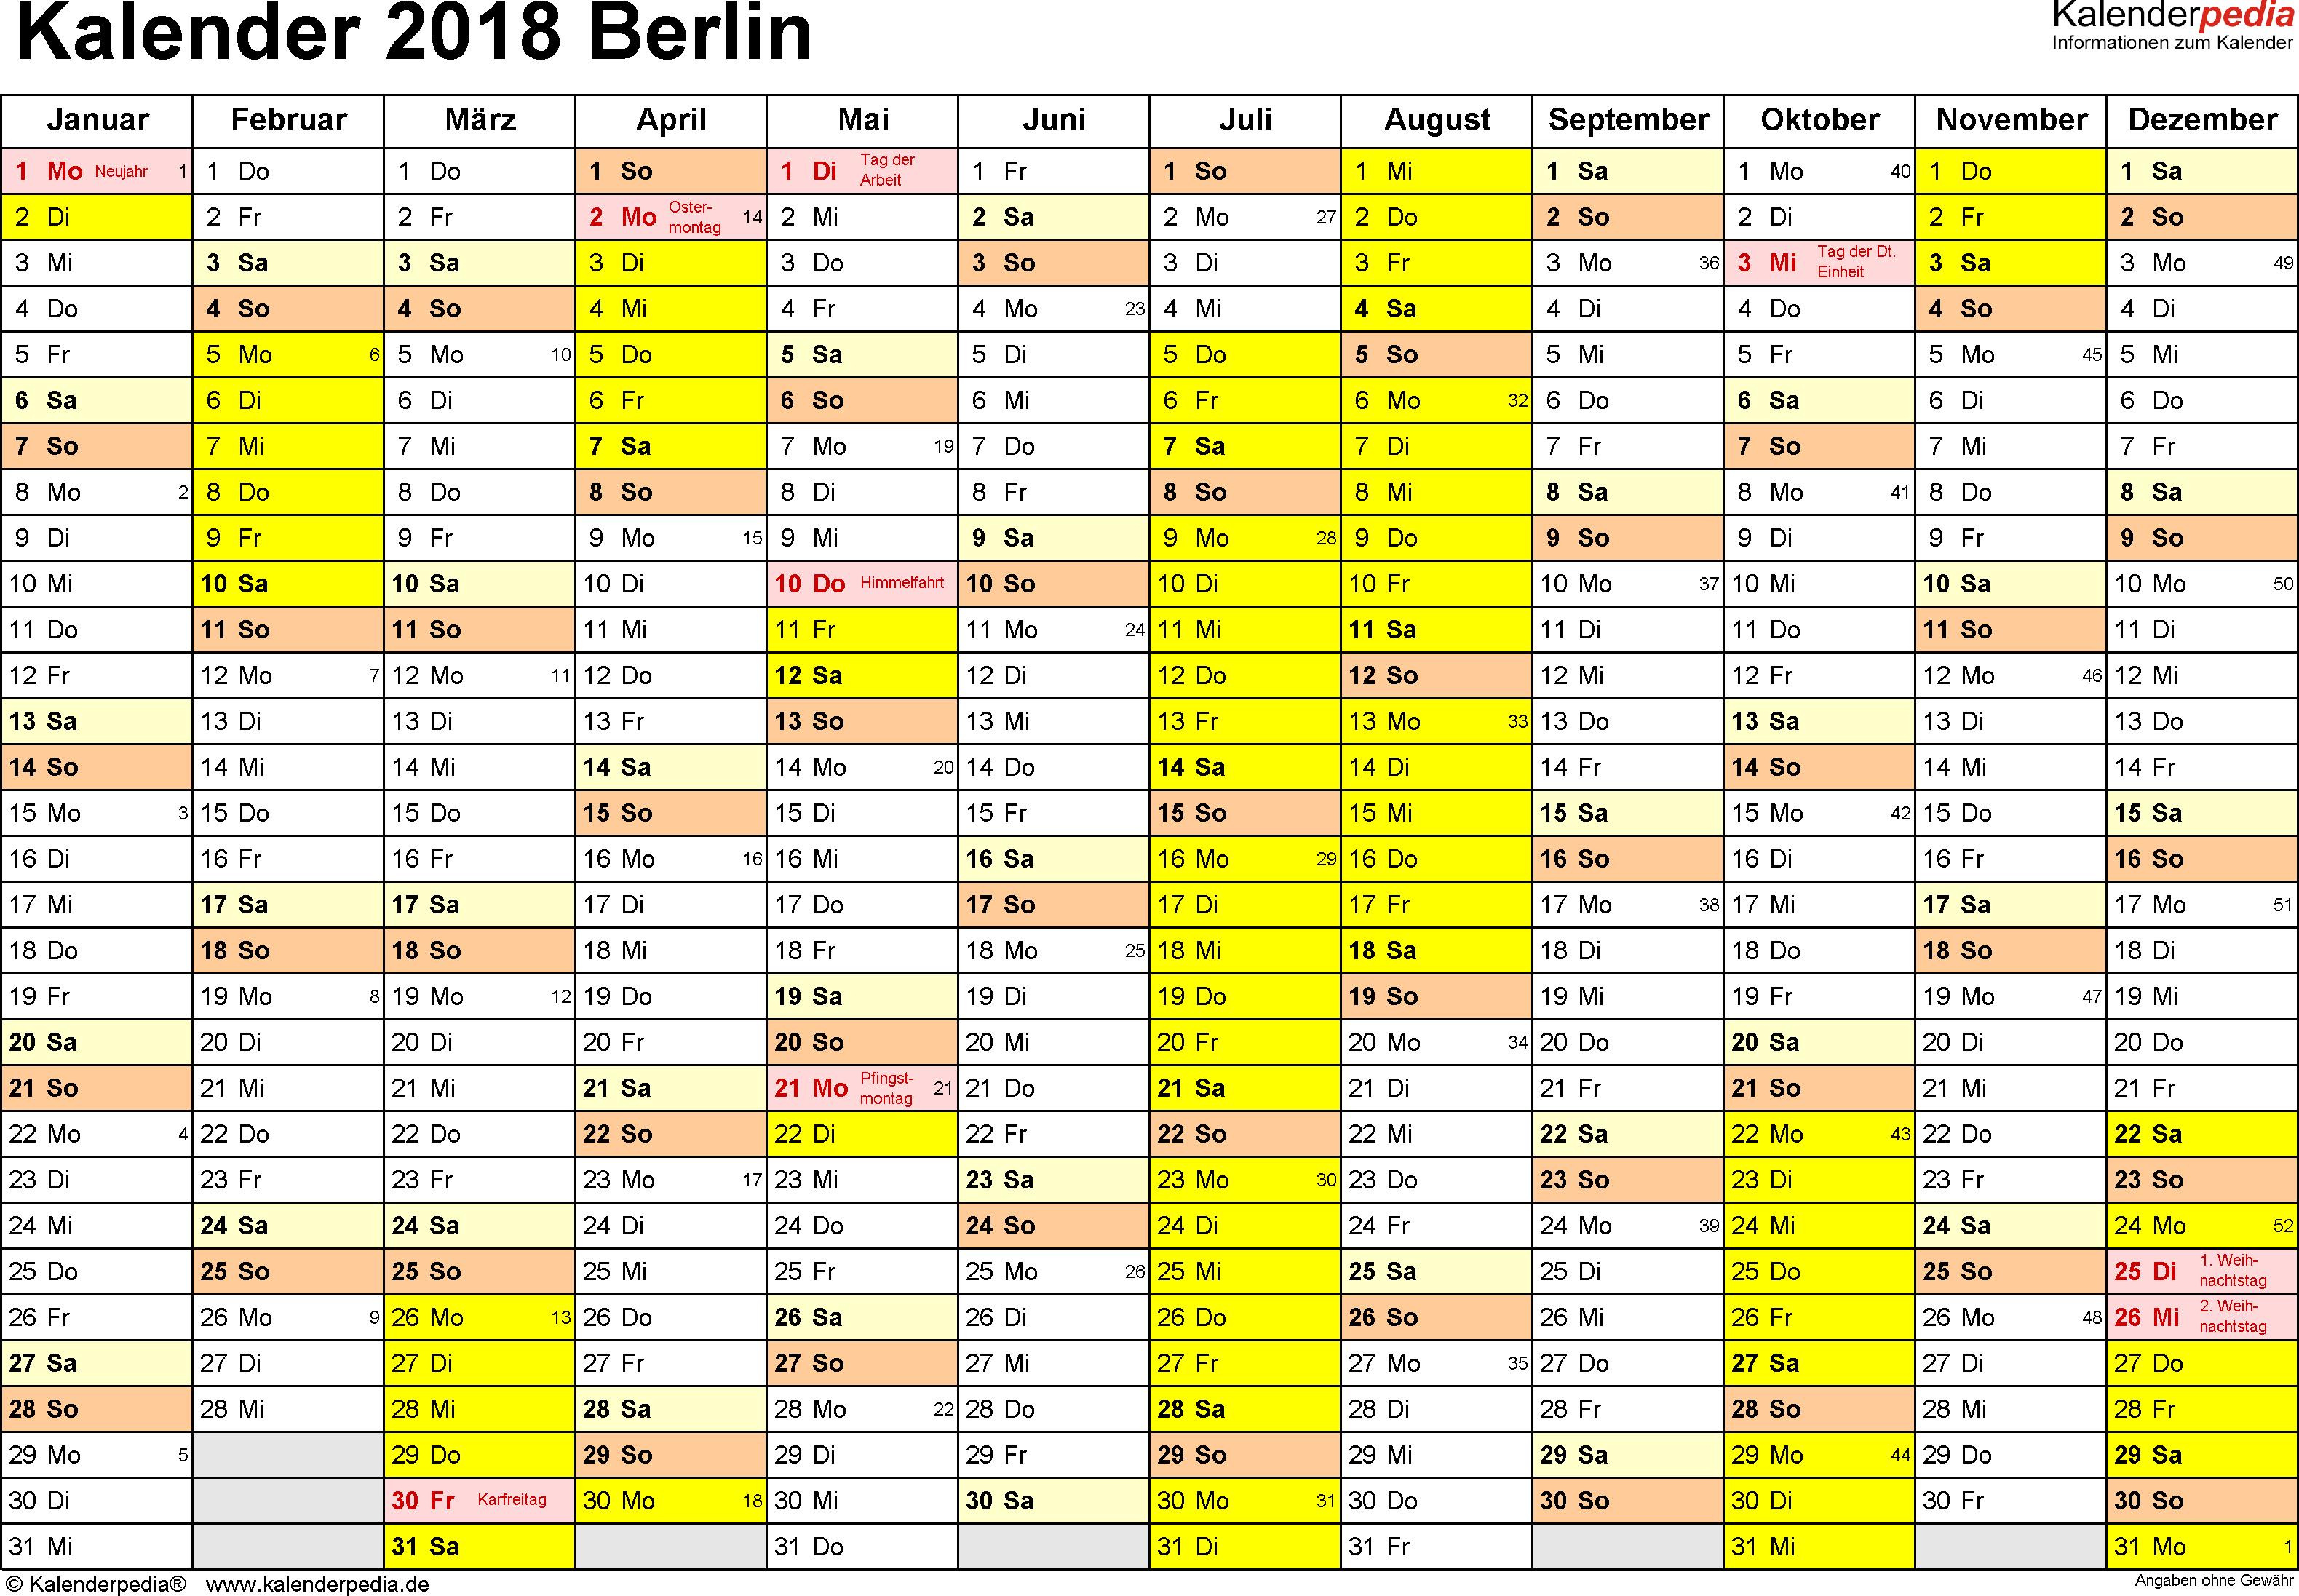 Vorlage 1: Kalender 2018 für Berlin als Word-Vorlage (Querformat, 1 Seite)